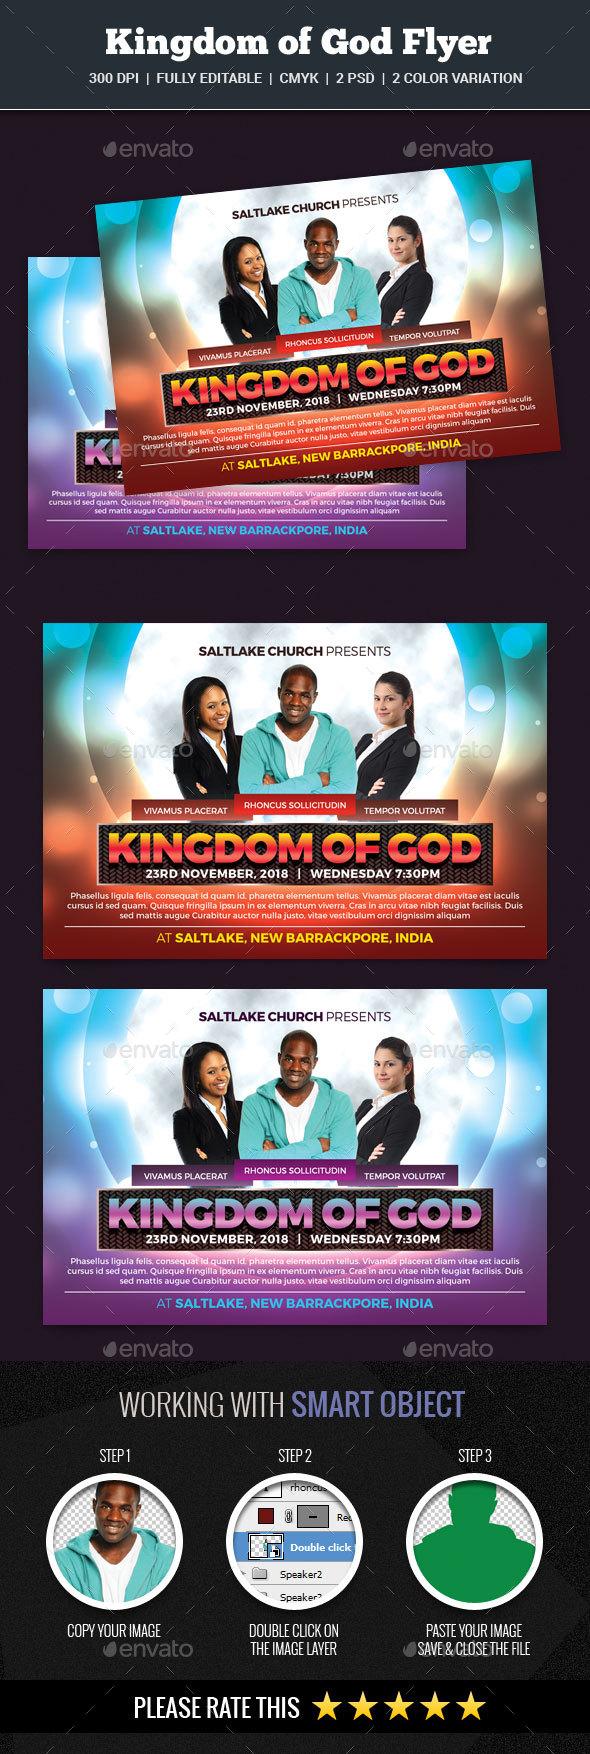 Kingdom of God Flyer - Church Flyers